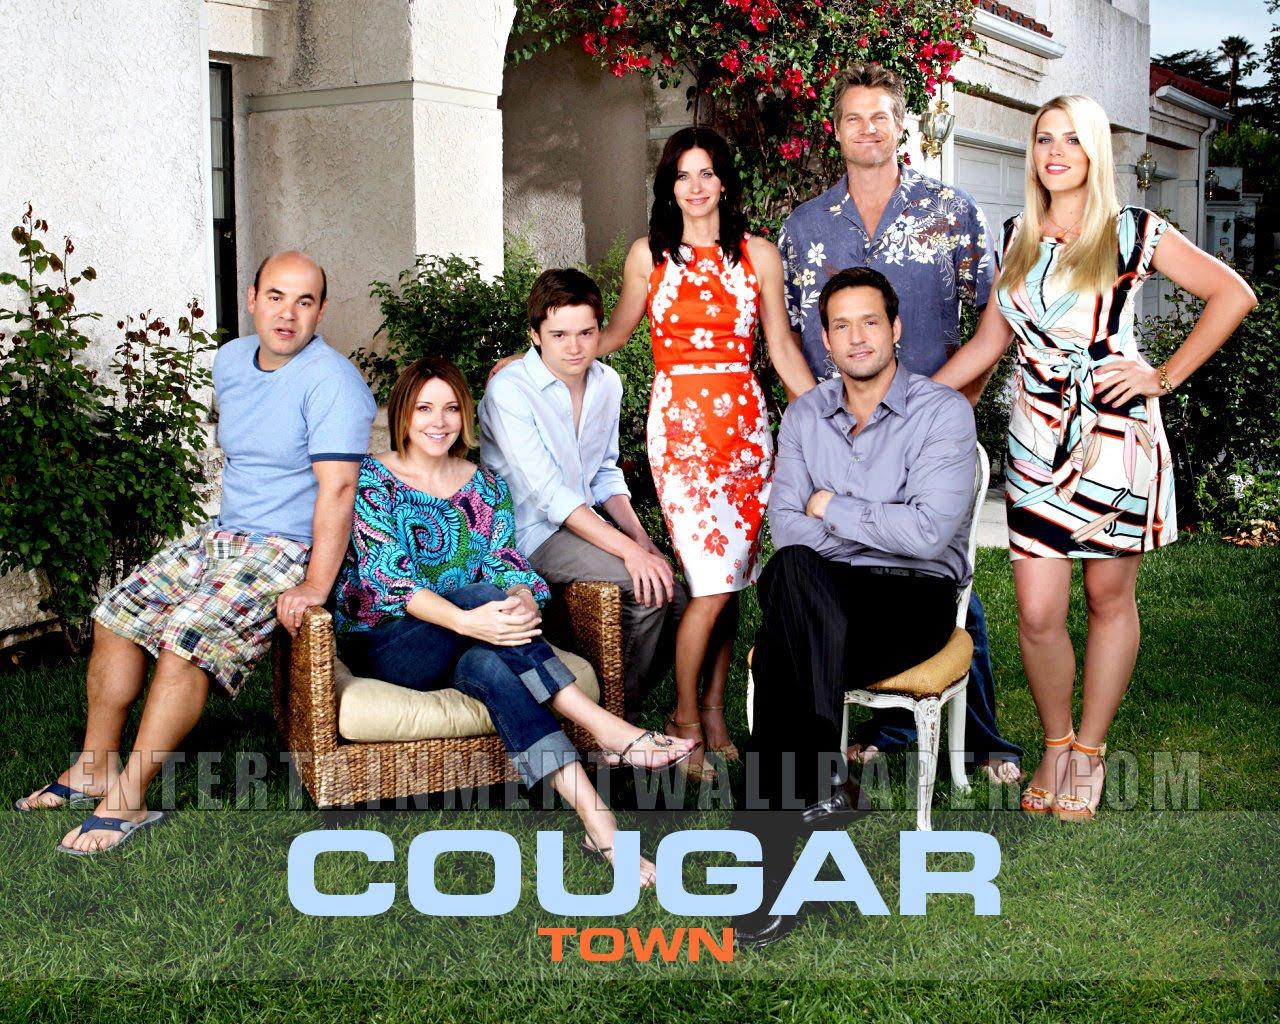 http://2.bp.blogspot.com/_o1DpzCg1M0E/S7yzoZVywZI/AAAAAAAAGV0/NKiDonInEPo/s1600/tv_cougar_town01.jpg